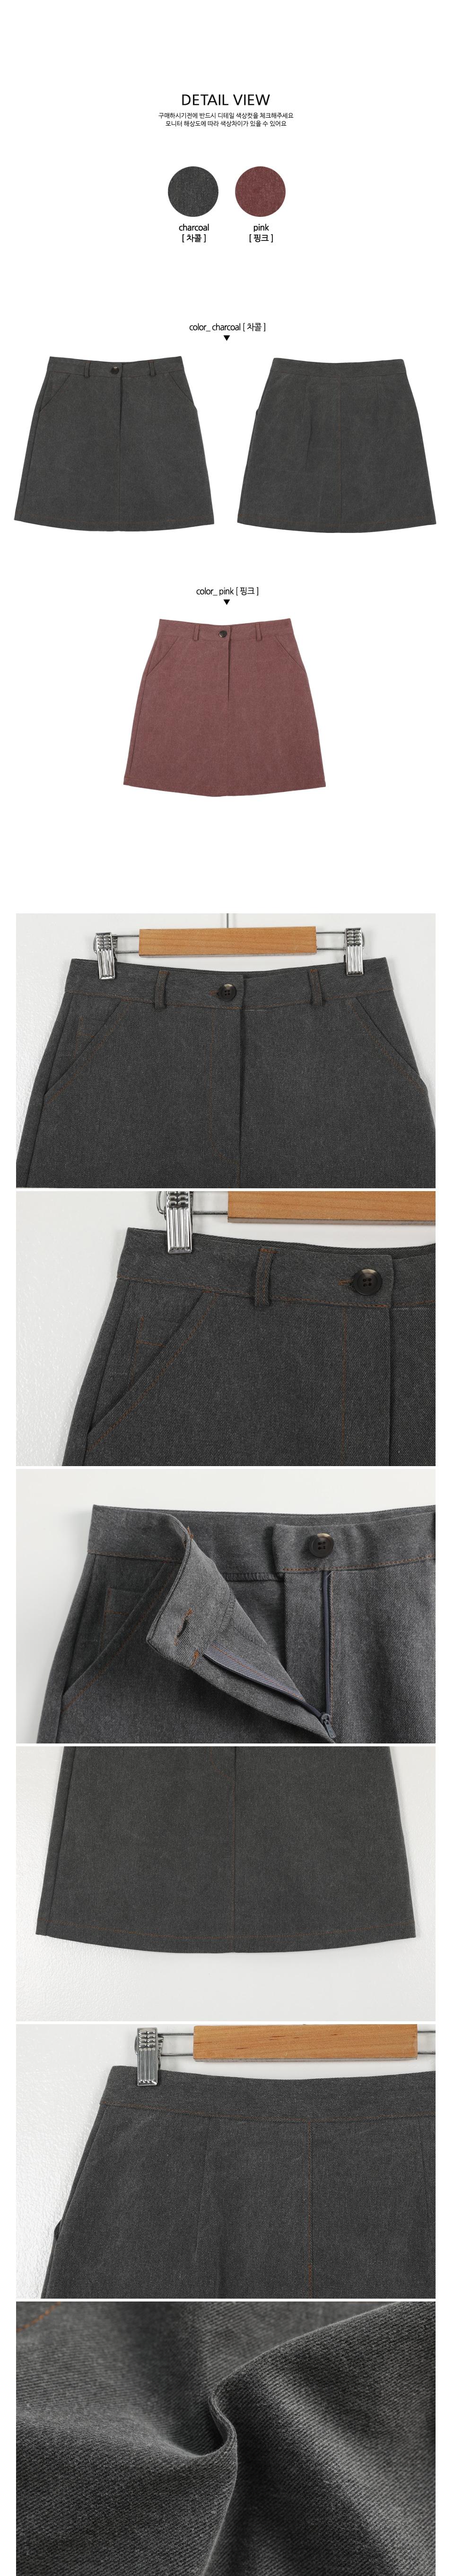 Easel Peakment Skirt